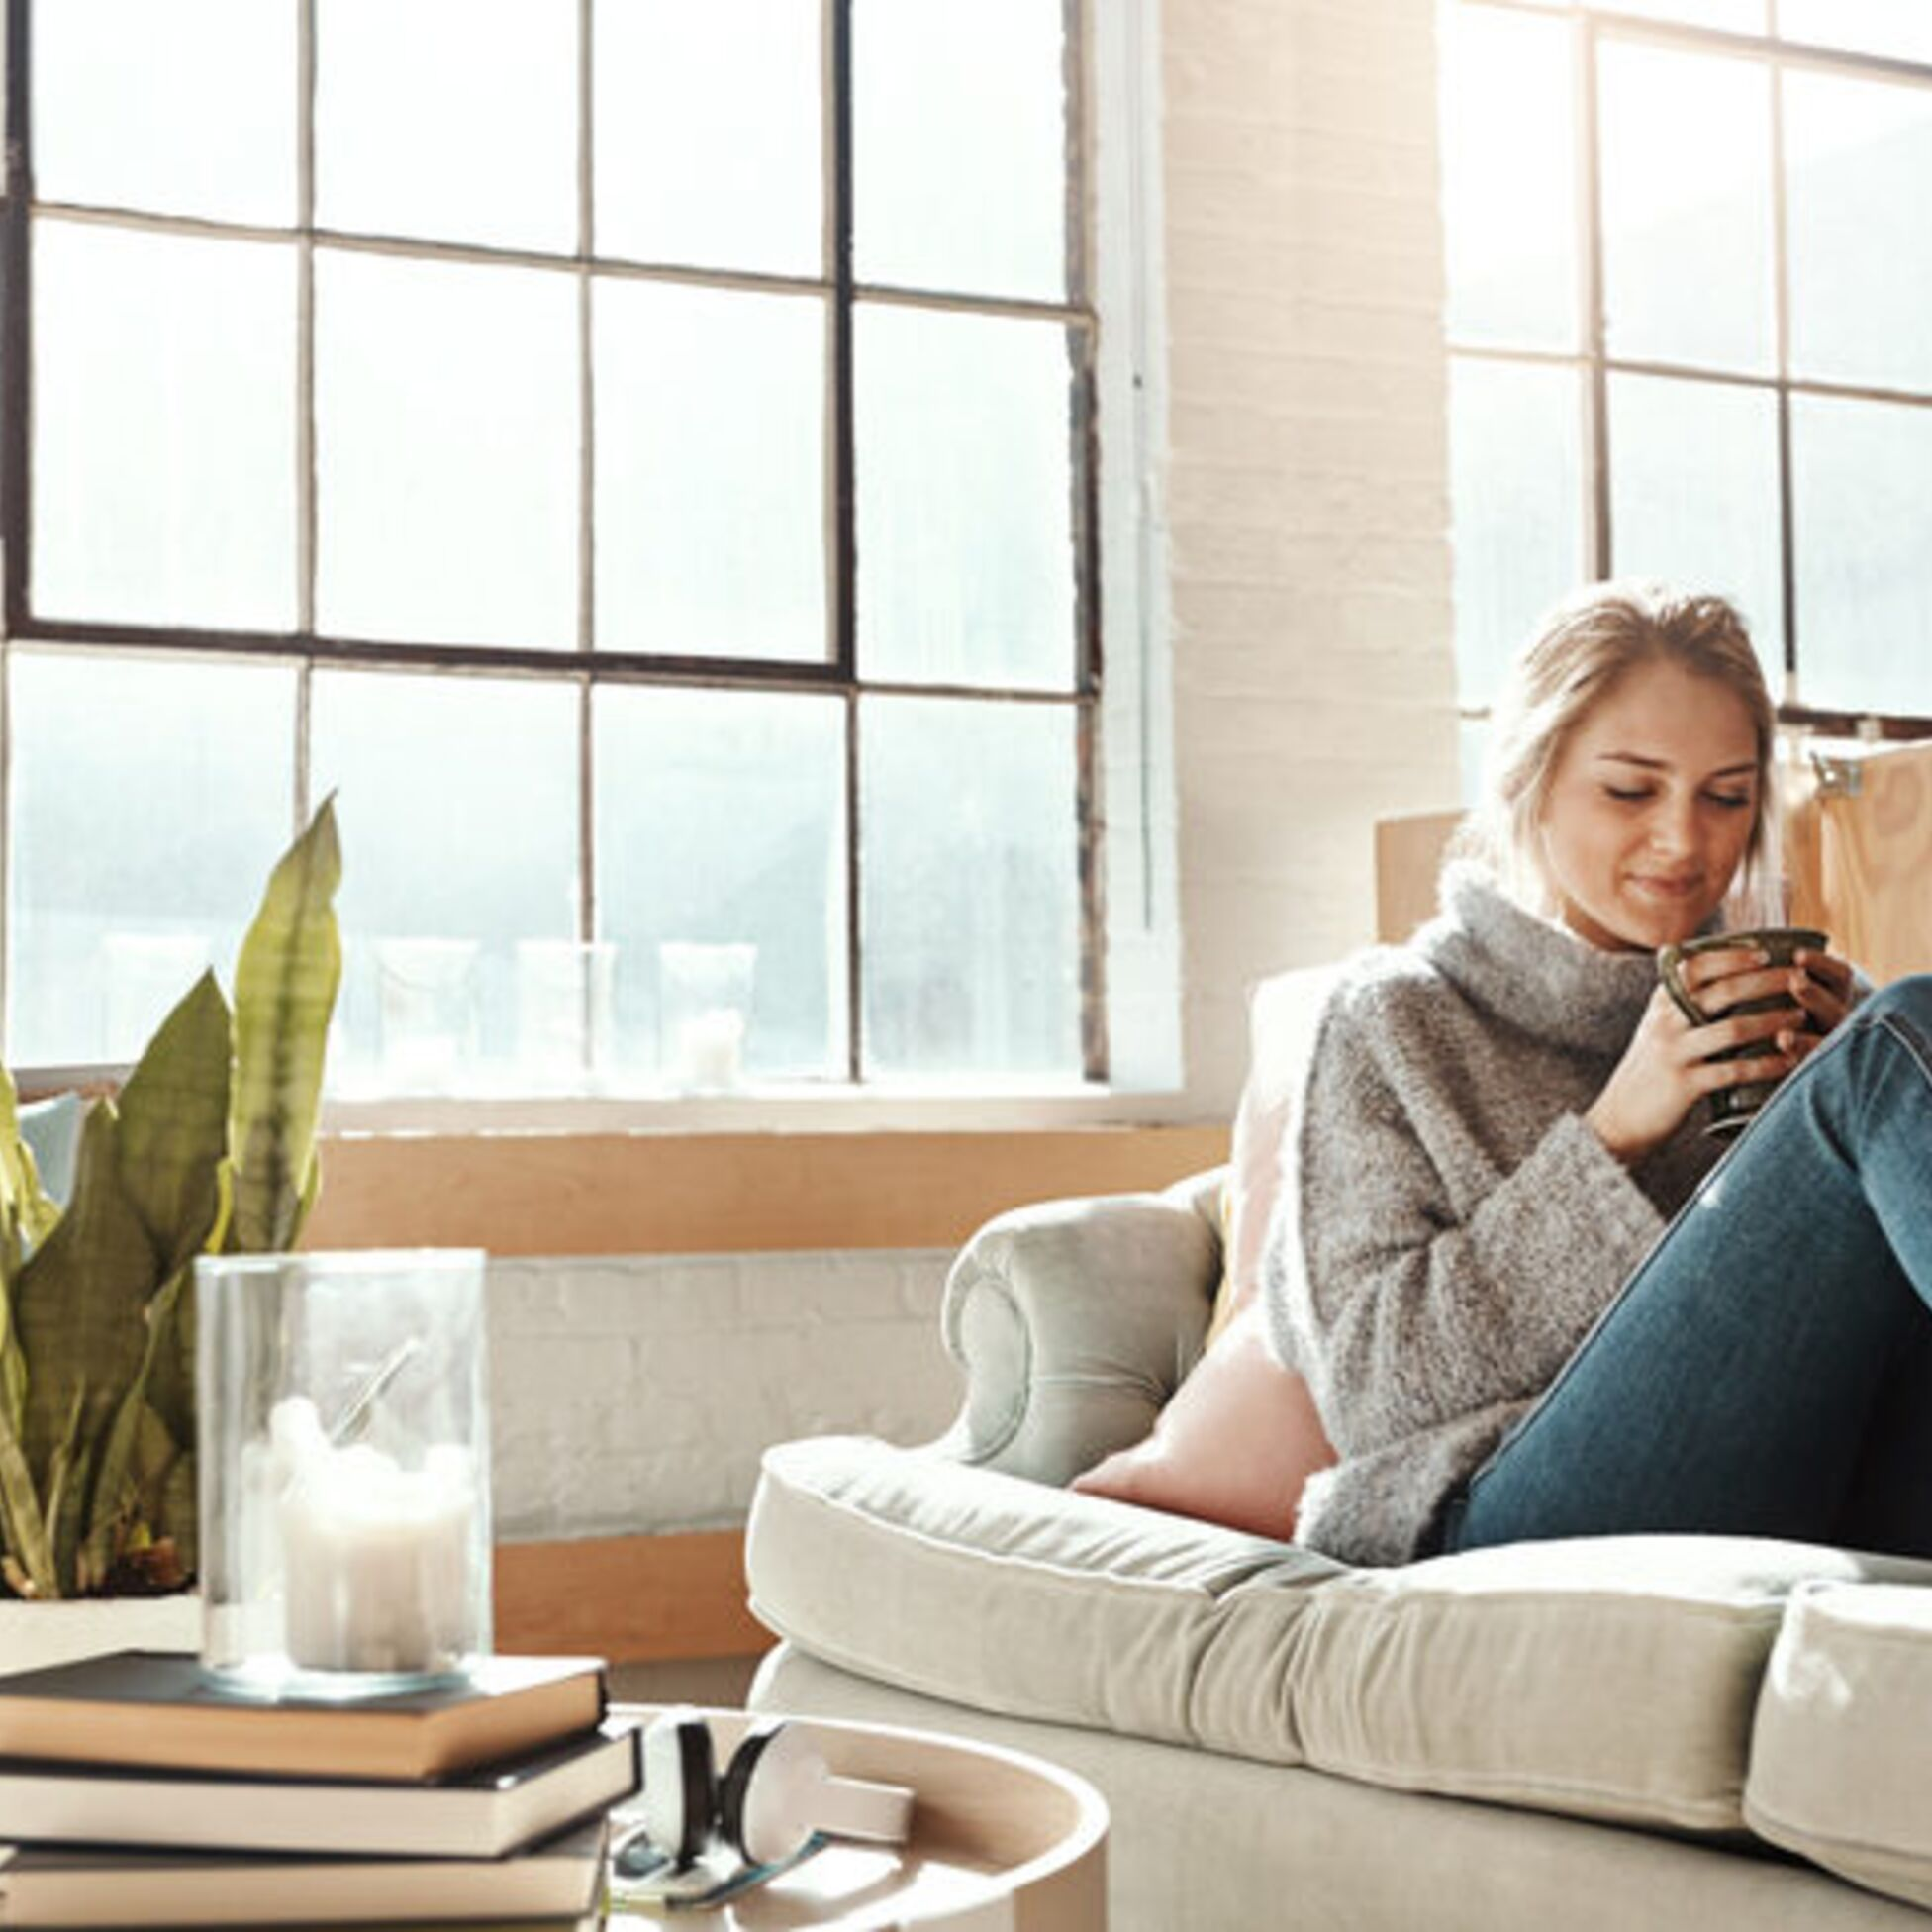 Frau wohnt alleine und sitzt auf der Couch